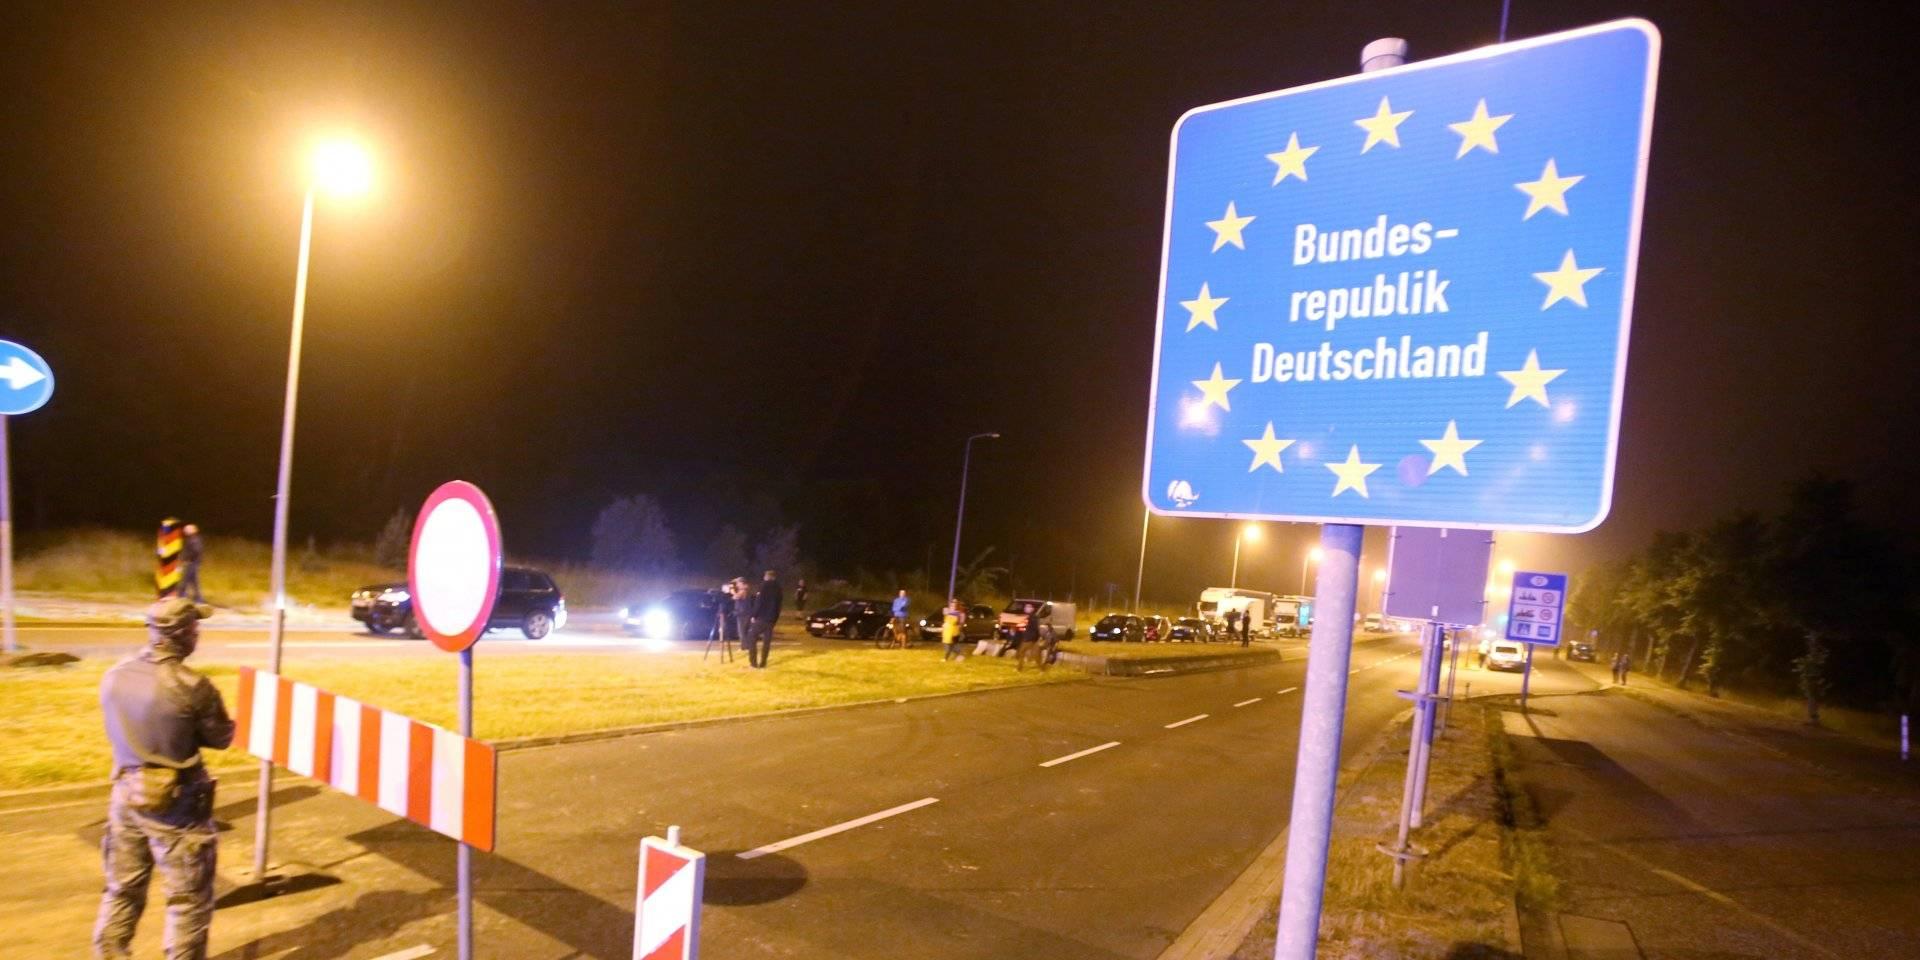 Германия частично открывает границы для россиян с 15 июня